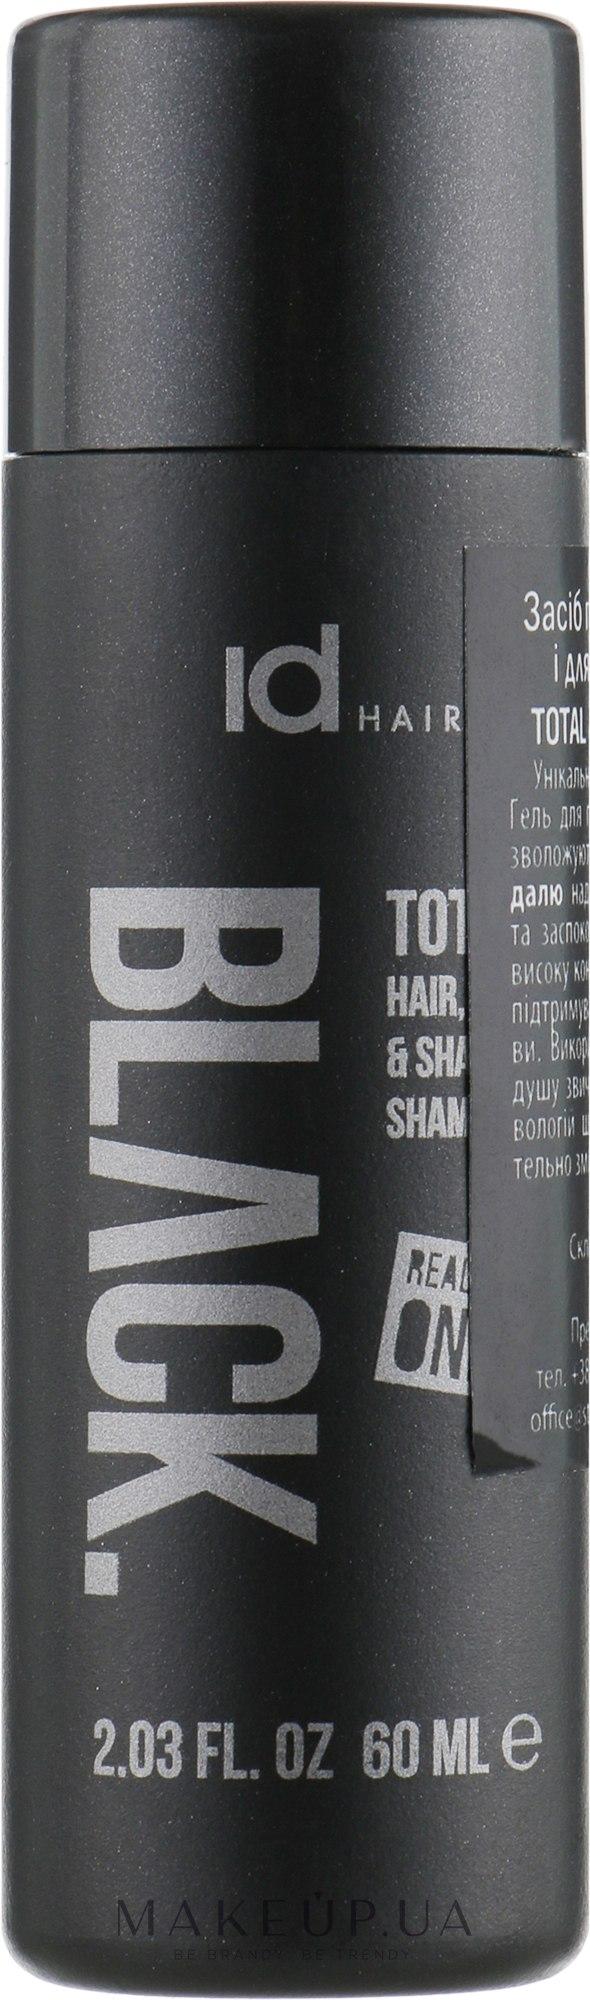 Чоловічий шампунь 3 в 1 - idHair Black Total 3 in 1 — фото 60ml